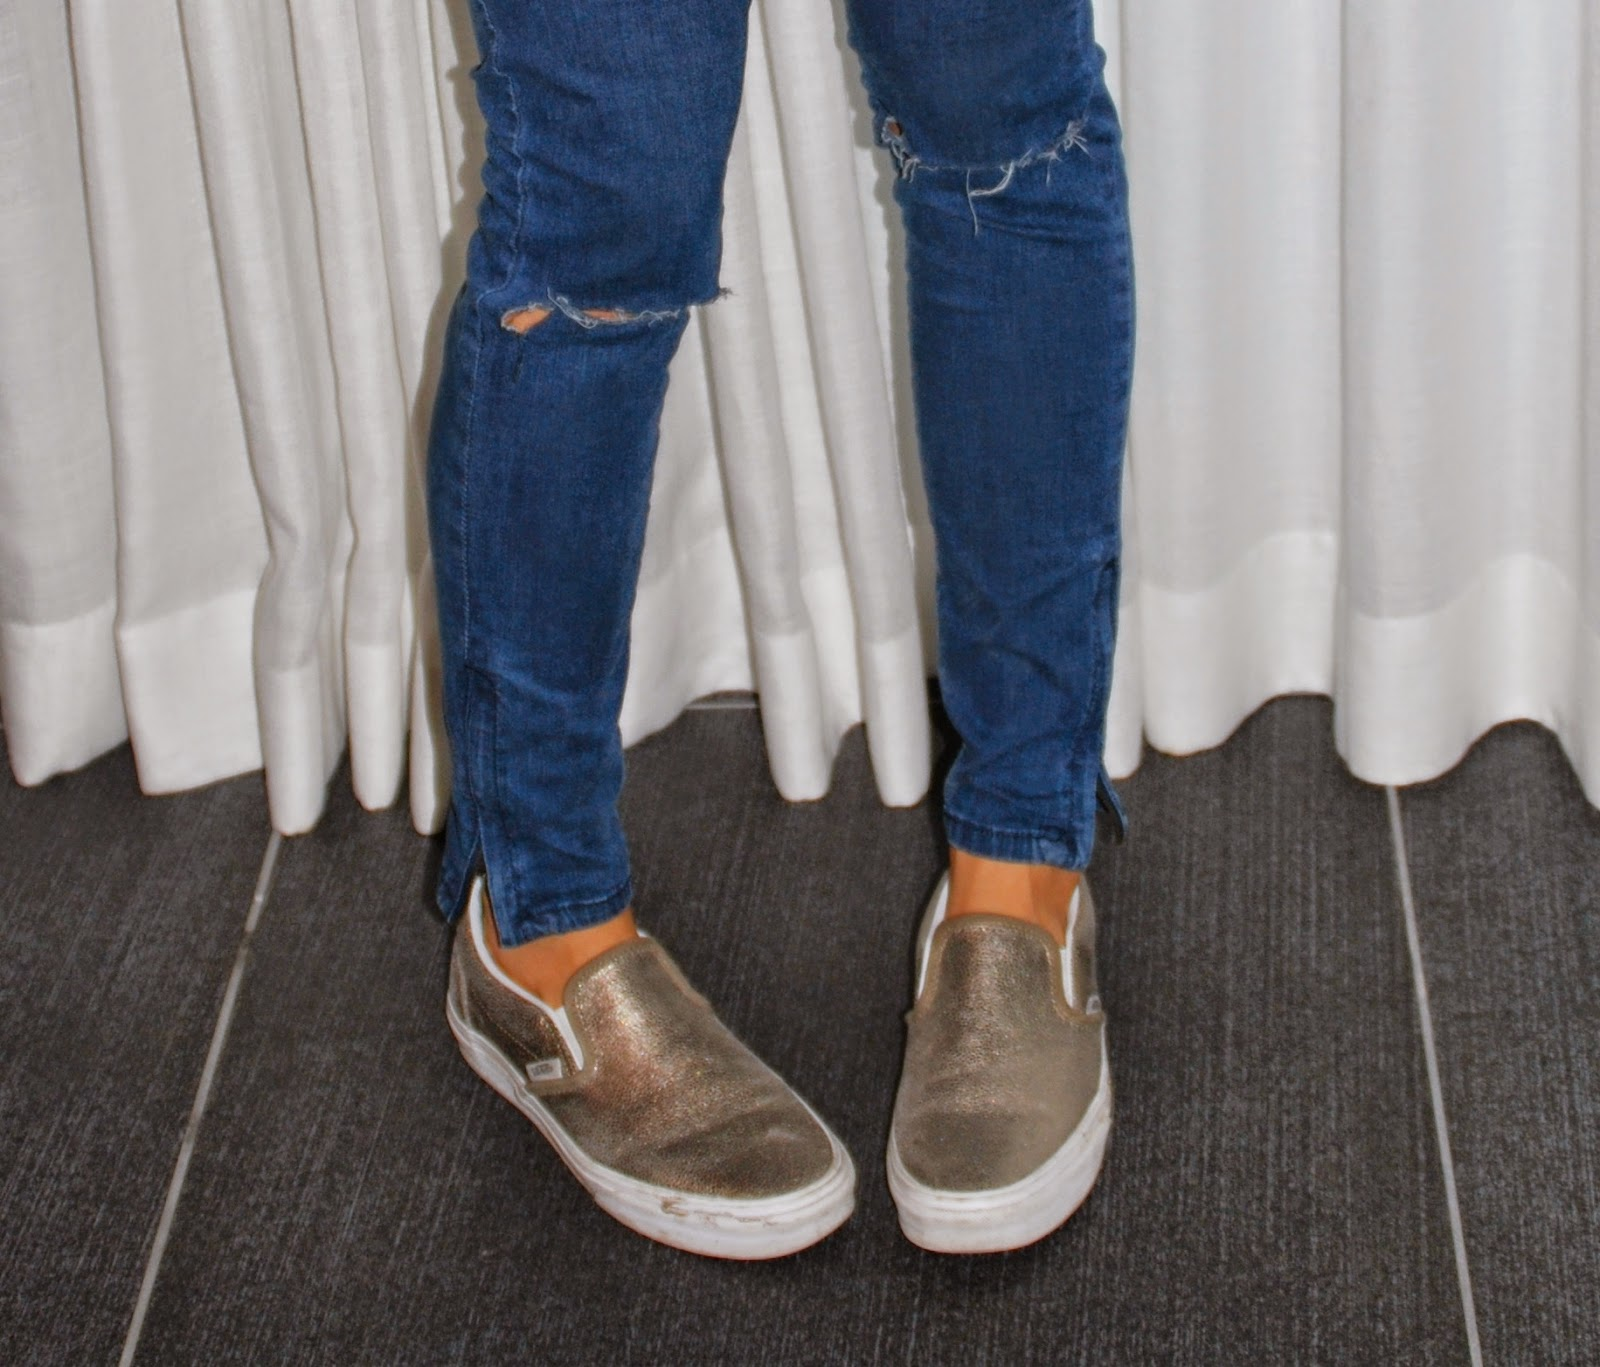 ootd white slip on vans sneakers dyi ripped jeans forever21 denims street style